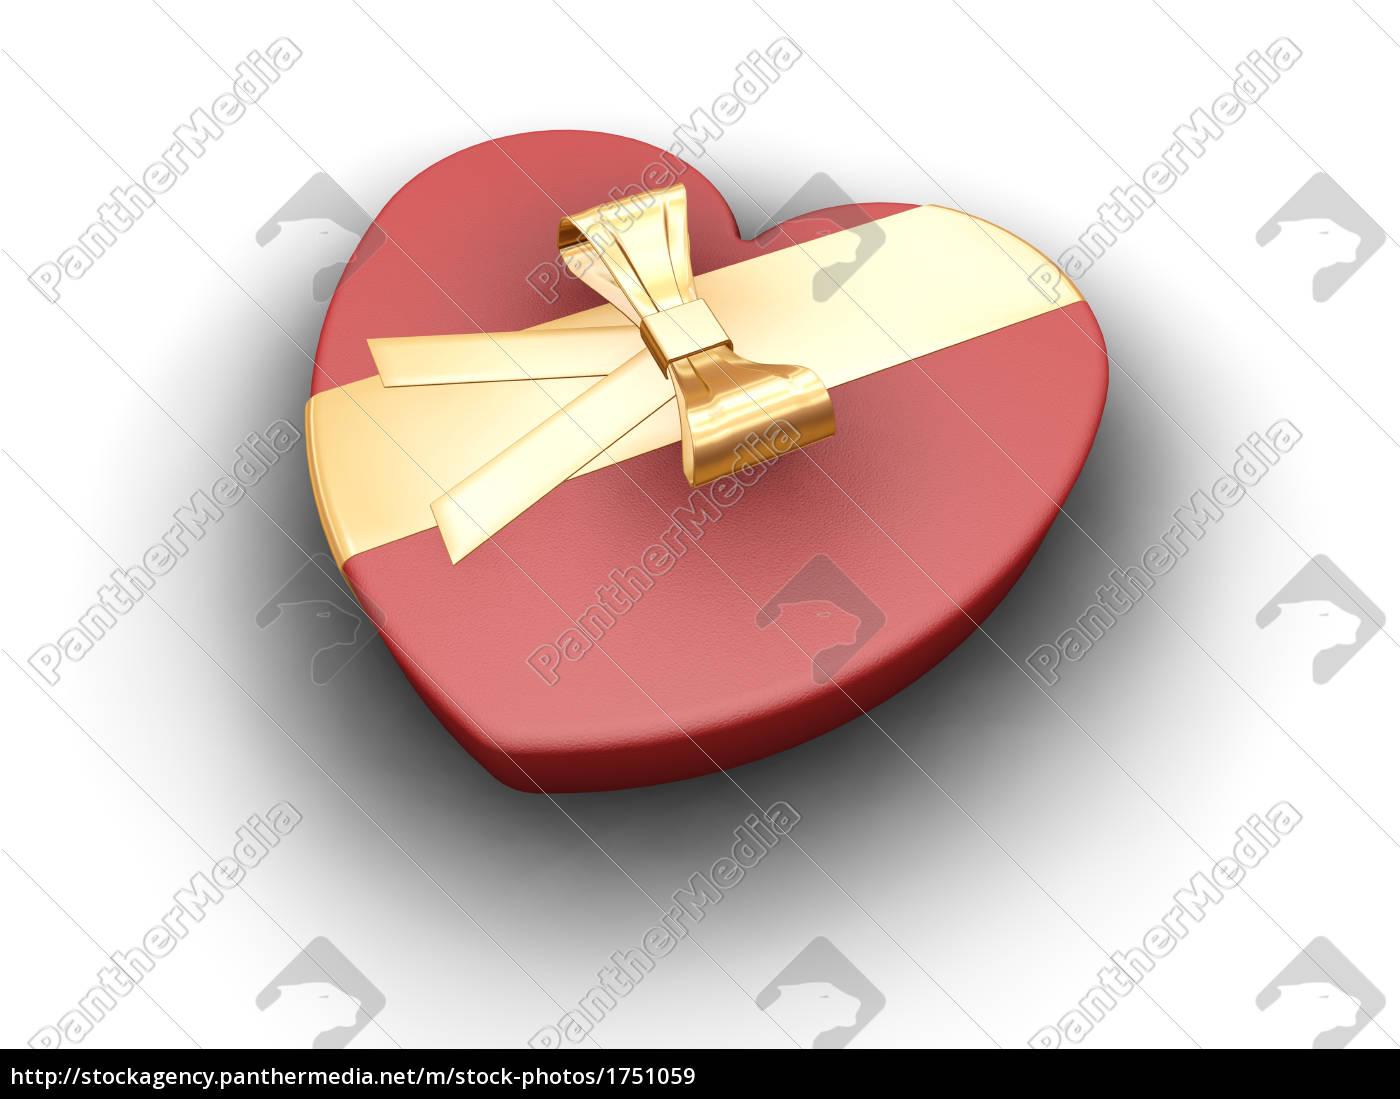 heart, shaped, box - 1751059